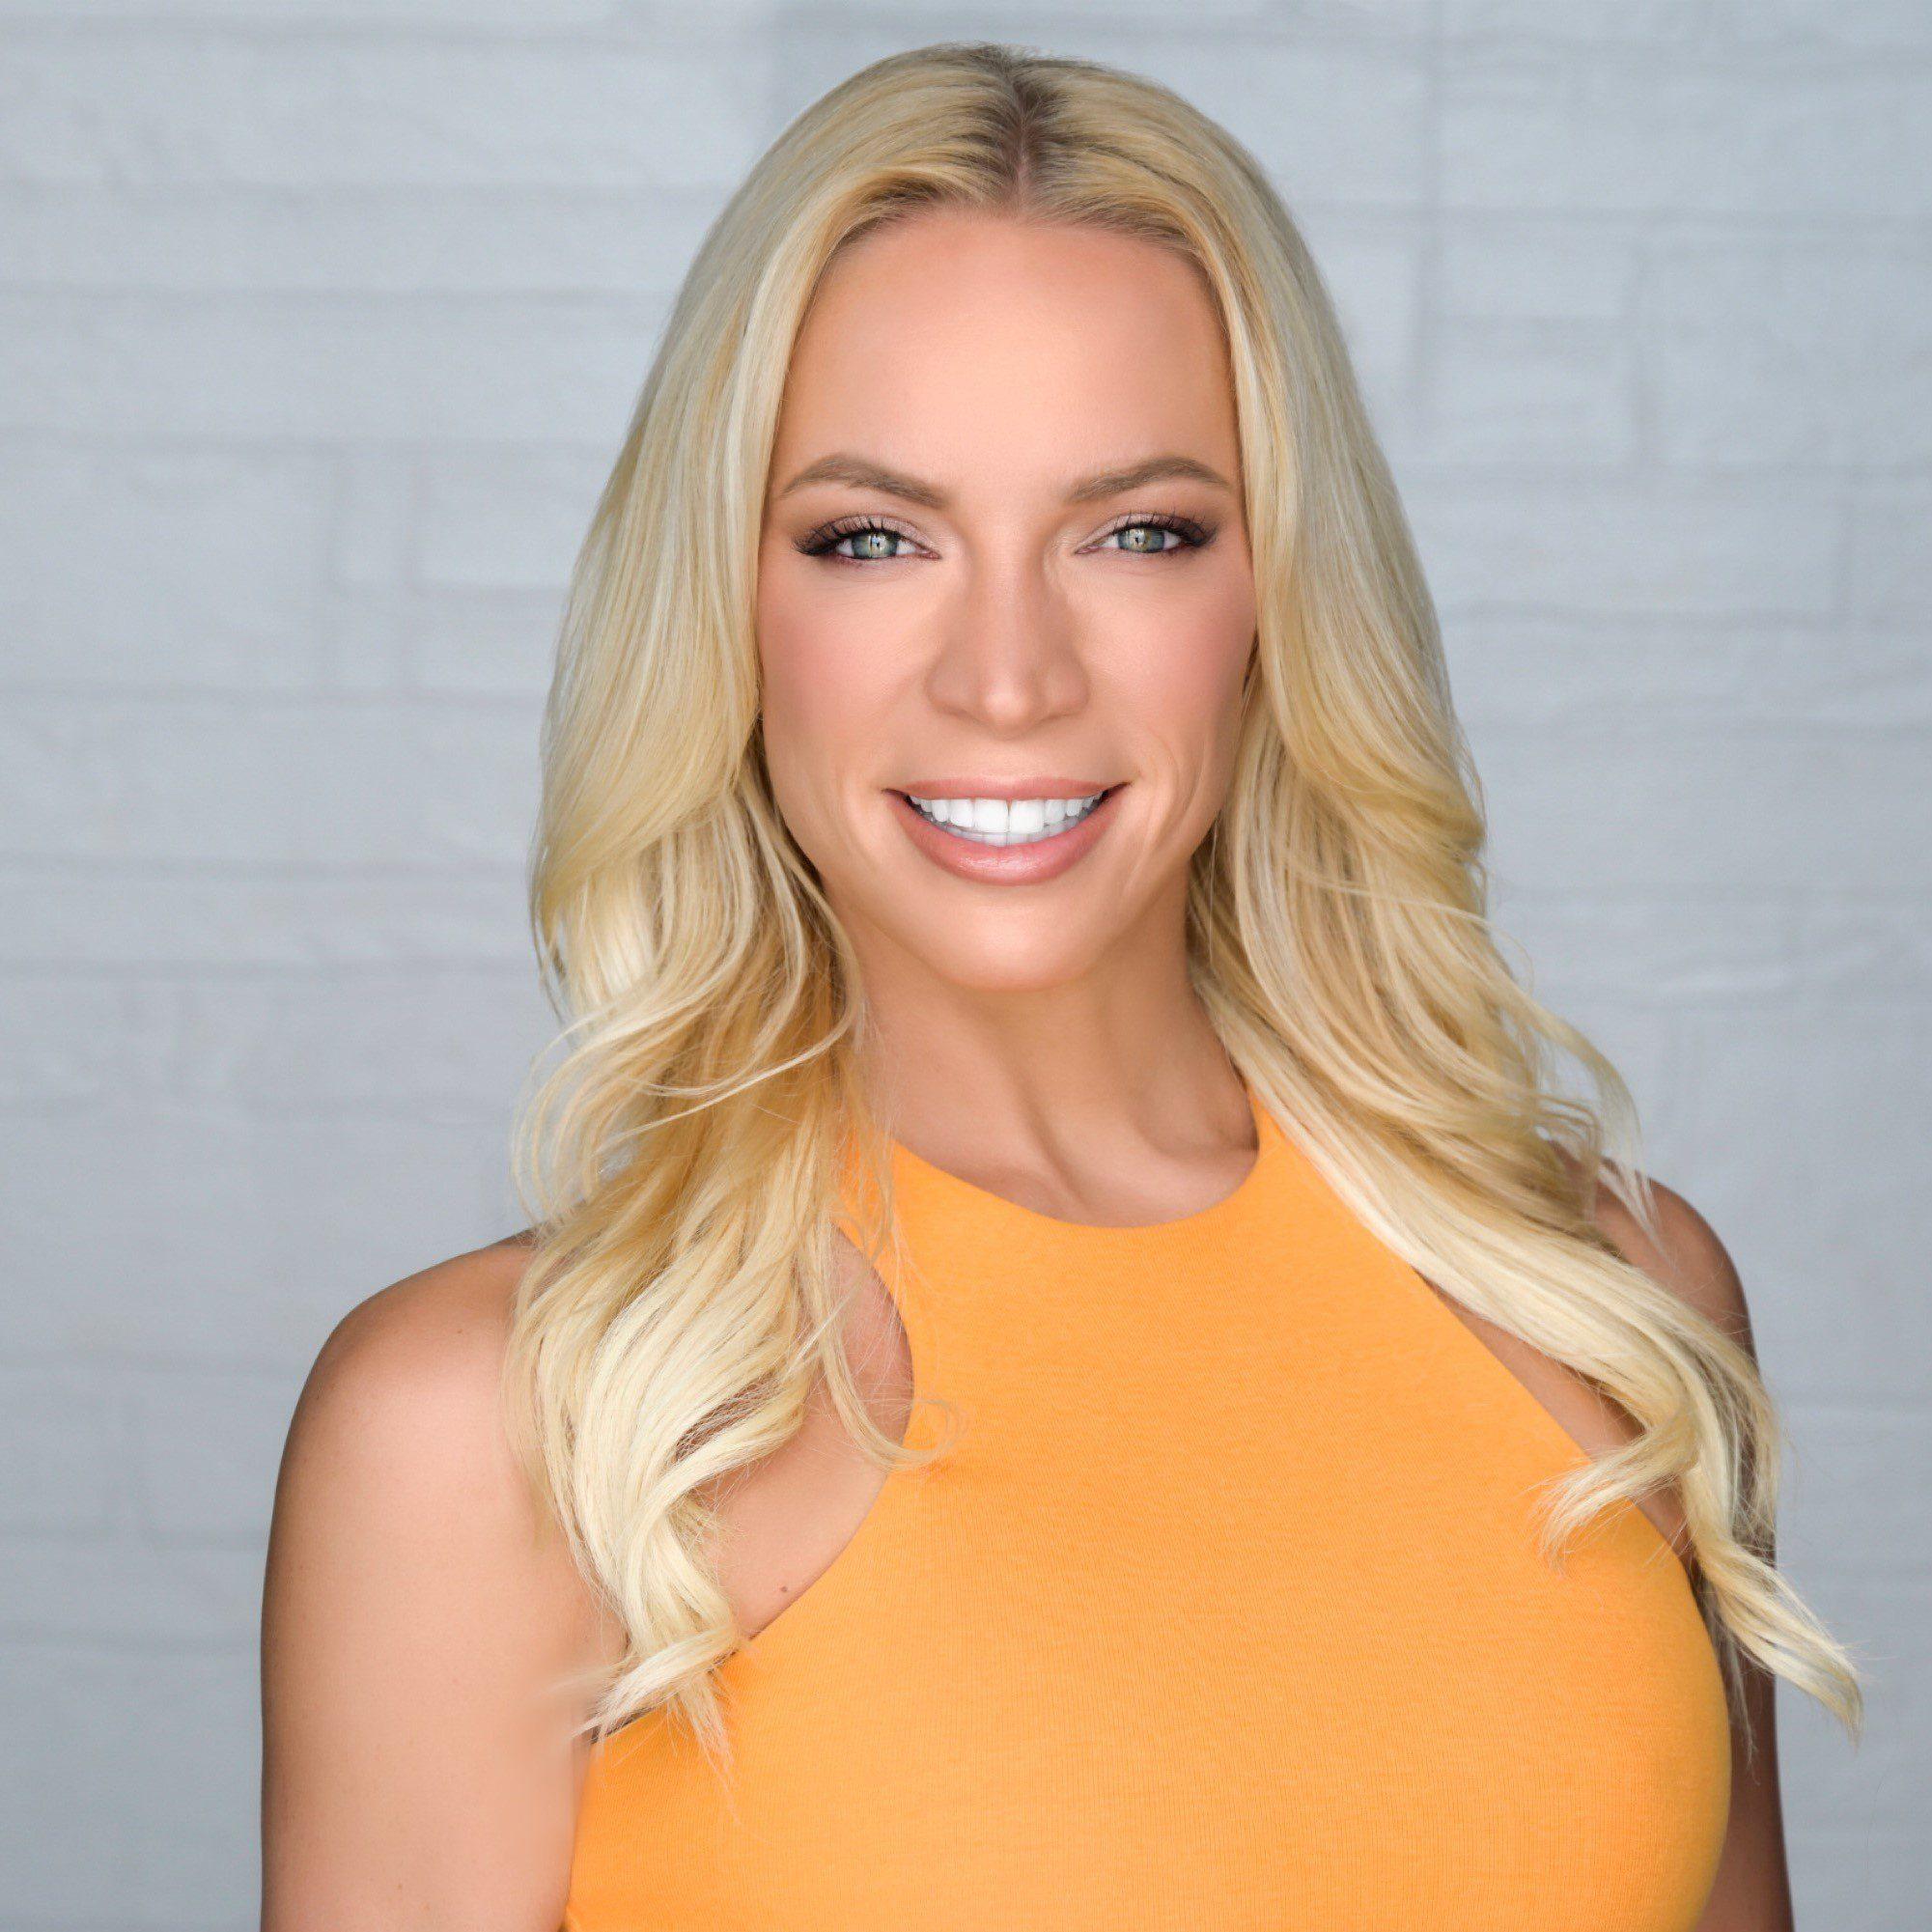 Brittany Shamblen